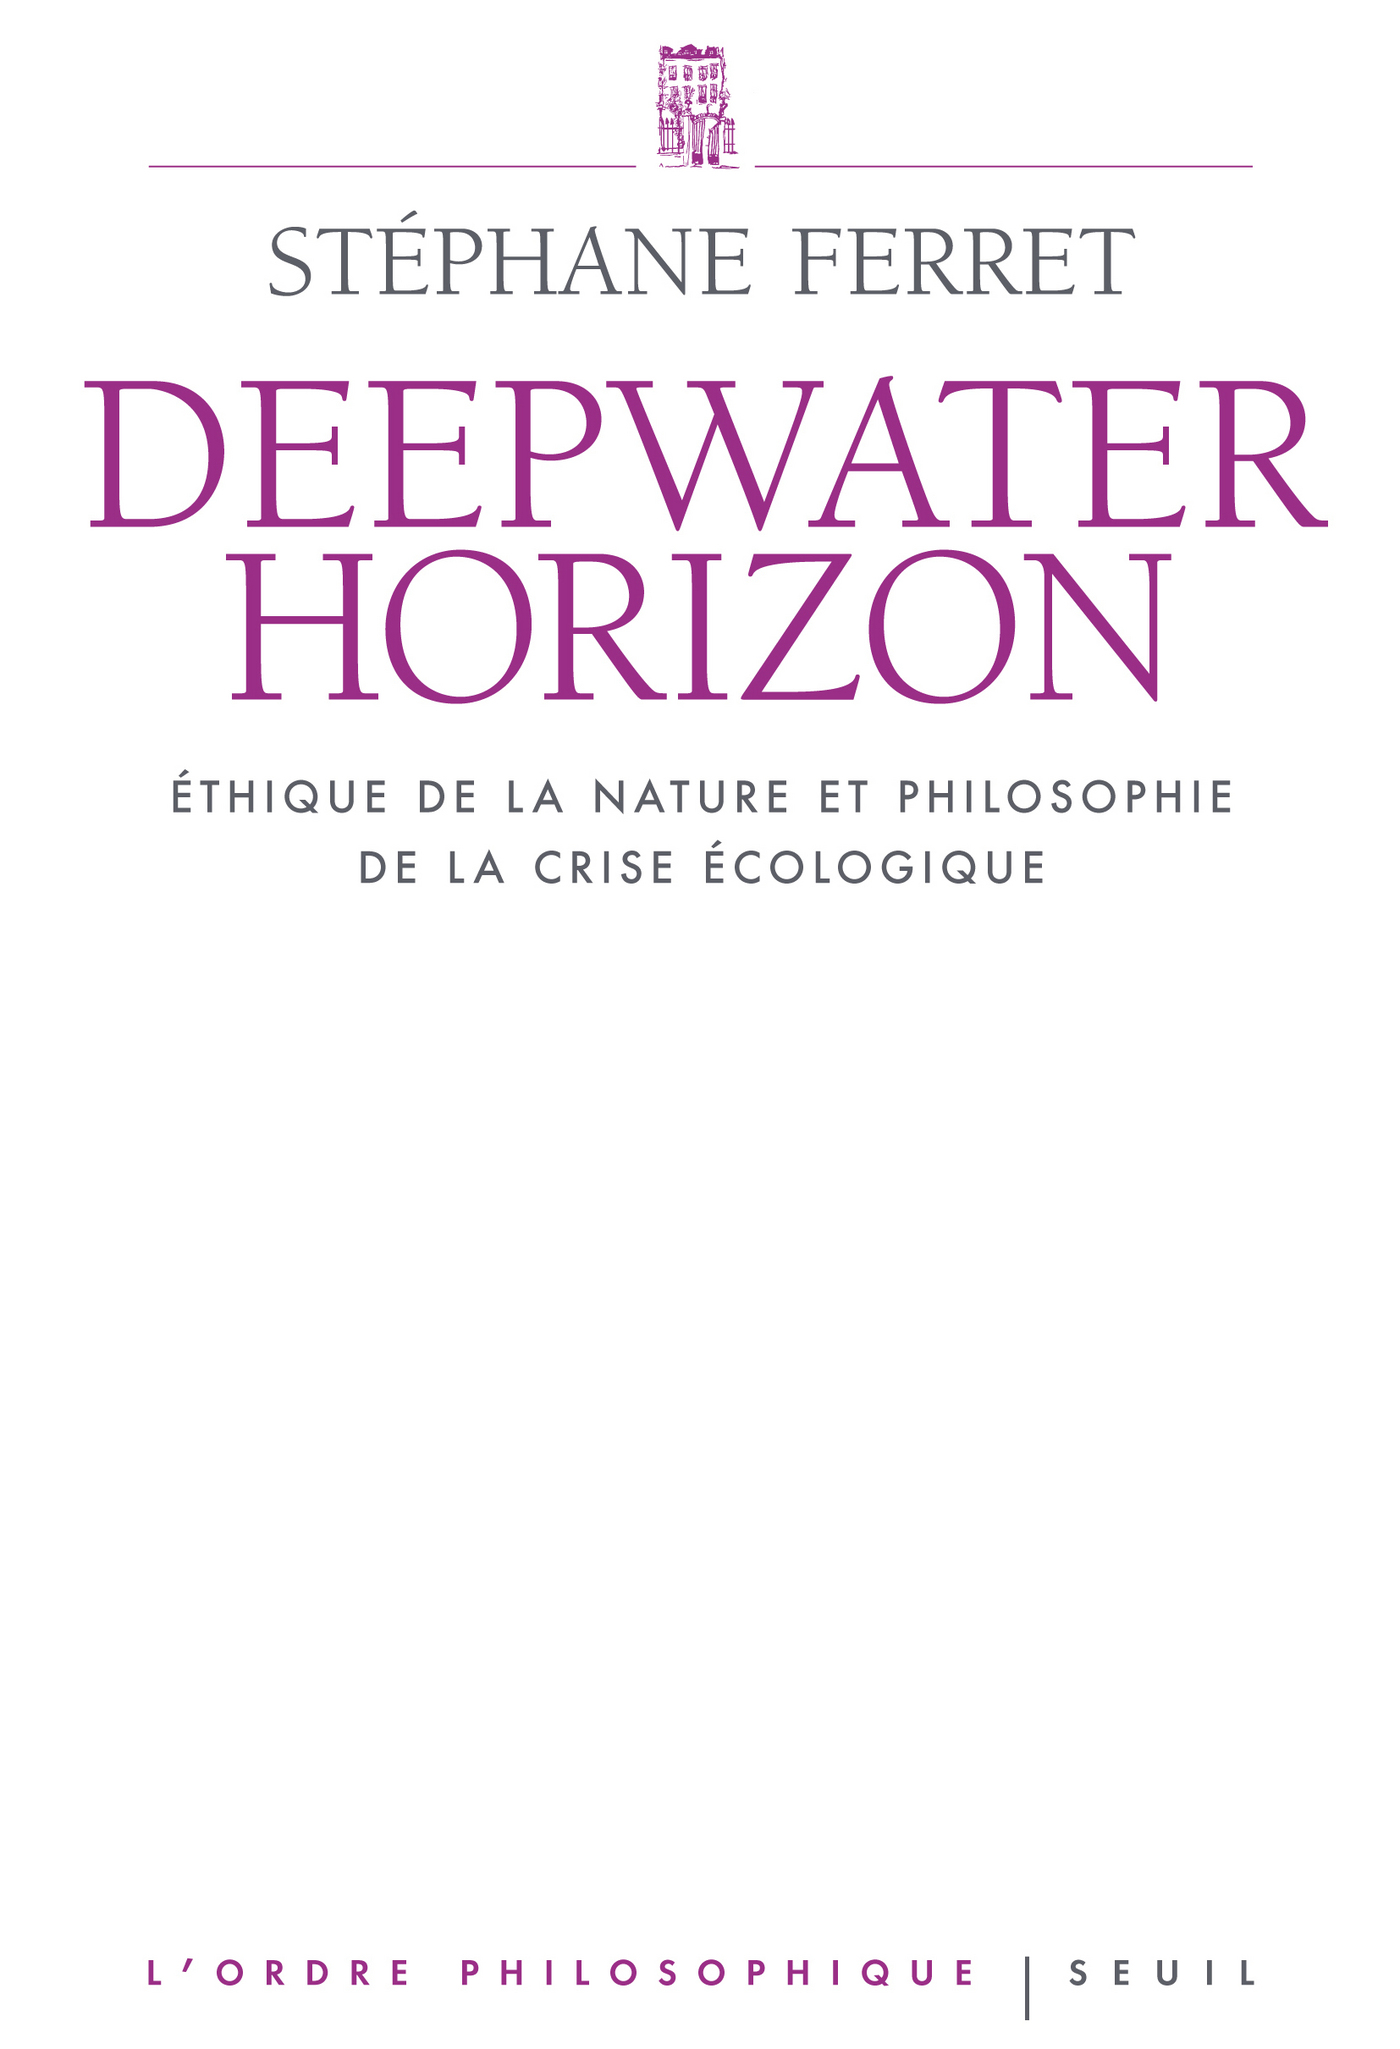 Deepwater Horizon. Ethique de la nature et philosophie de la crise écologique